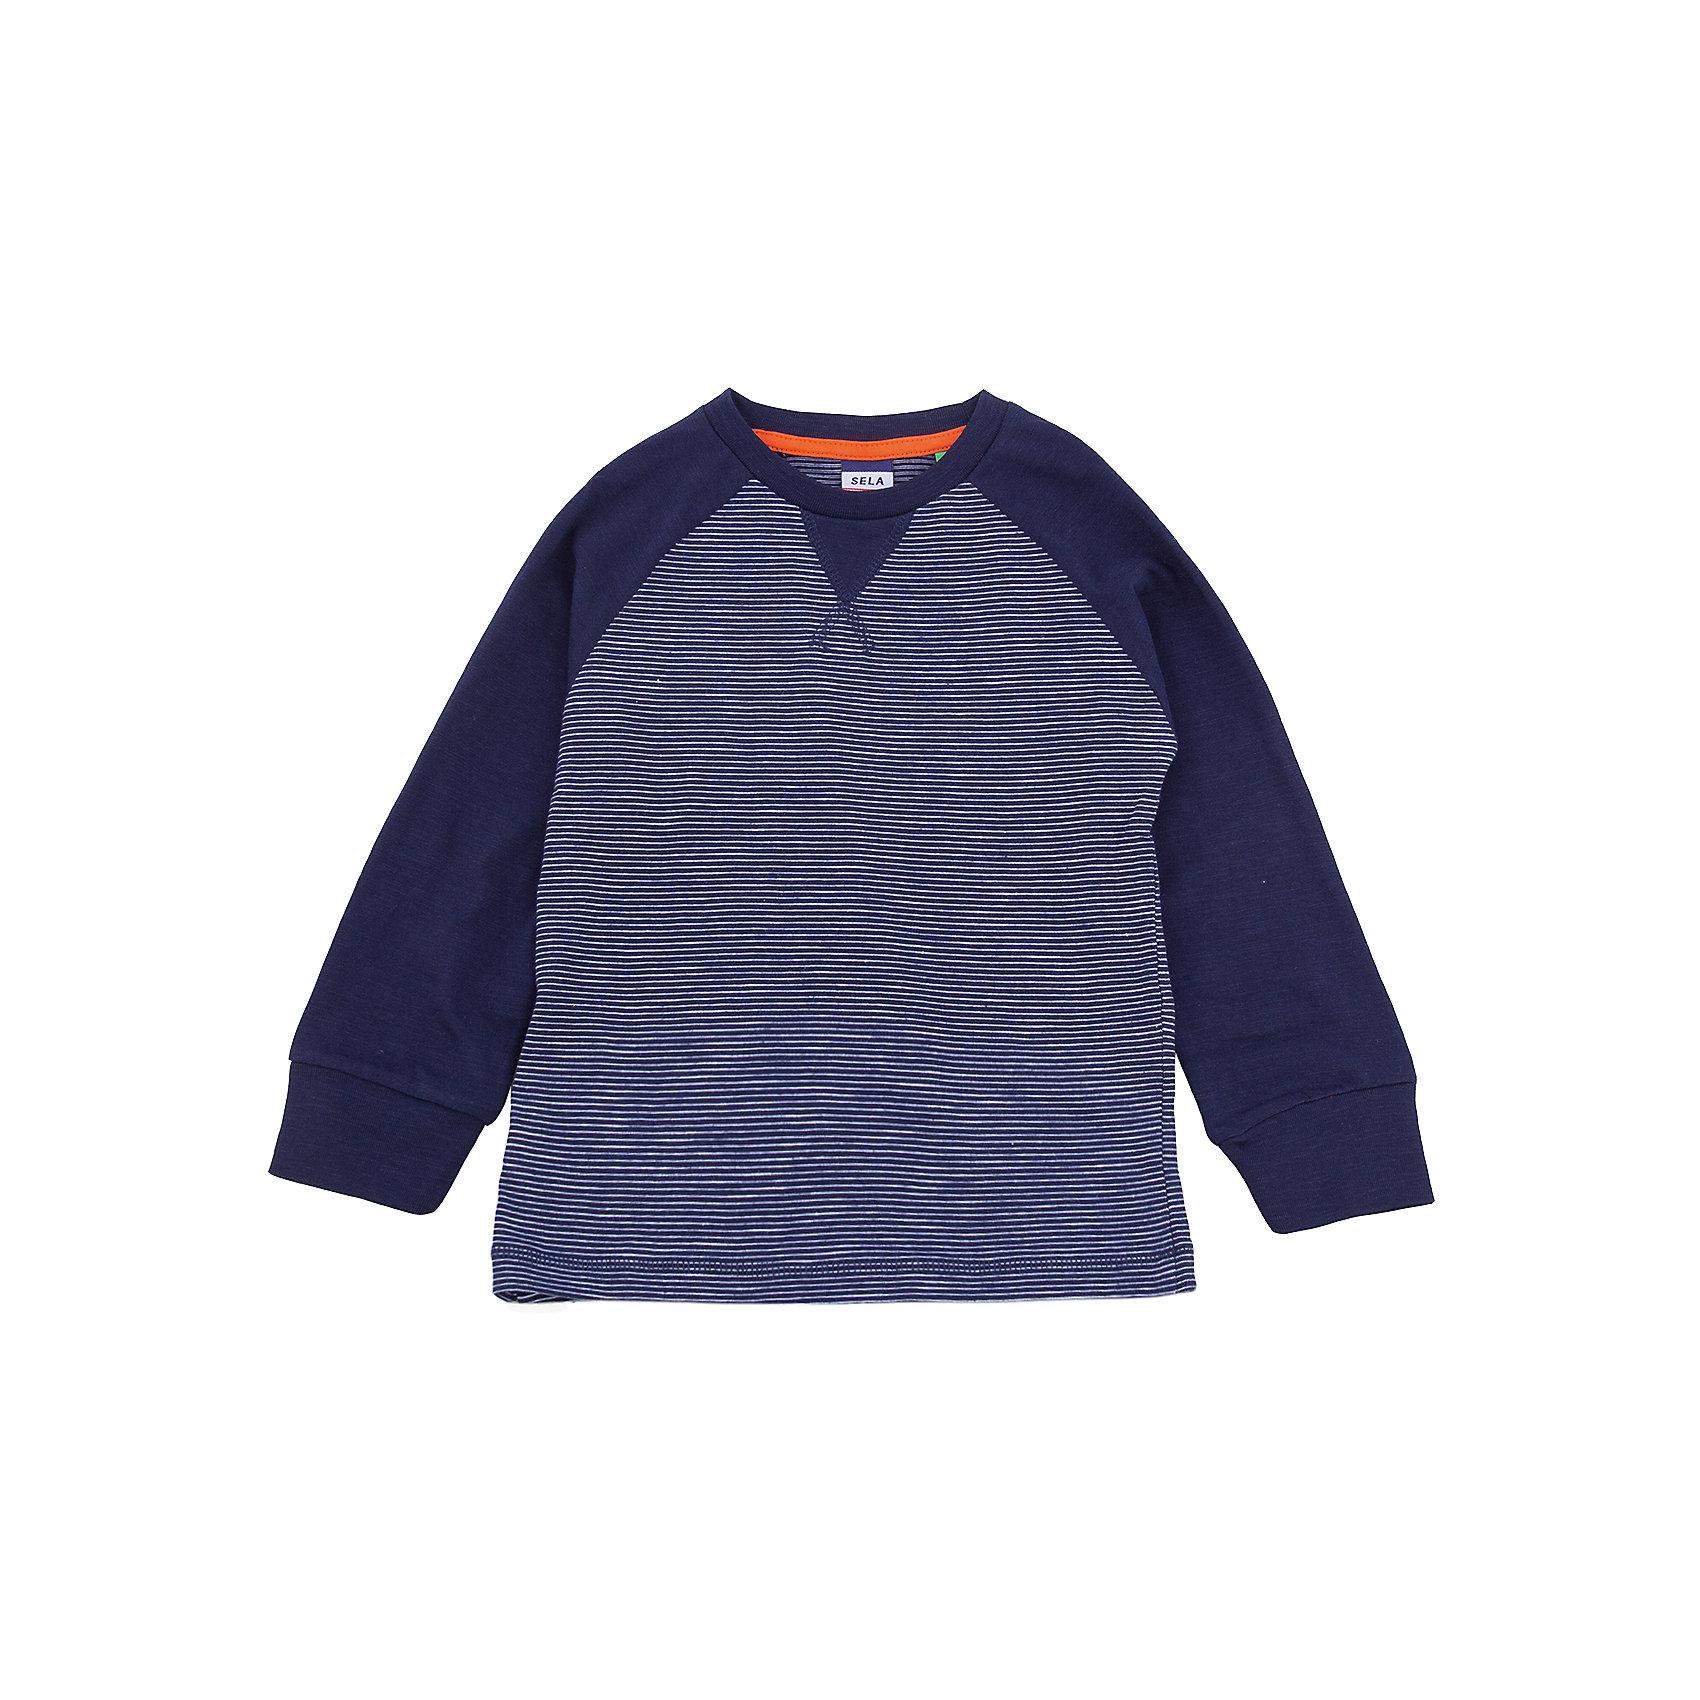 Джемпер SELA для мальчикаФутболки с длинным рукавом<br>Характеристики товара:<br><br>• цвет: синий<br>• состав ткани: 100% хлопок<br>• сезон: демисезон<br>• длинные рукава<br>• страна бренда: Россия<br>• страна производства: Бангладеш<br><br>Синий лонгслив для мальчика Sela - стильная молодежная вещь по доступной цене. Модный лонгслив для мальчика поможет разнообразить гардероб ребенка. Практичный детский лонгслив украшен оригинальным принтом. Футболка с длинным рукавом для ребенка сшита из качественного трикотажа, в составе которого преобладает натуральный хлопок. <br><br>Лонгслив для мальчика Sela (Села) можно купить в нашем интернет-магазине.<br><br>Ширина мм: 190<br>Глубина мм: 74<br>Высота мм: 229<br>Вес г: 236<br>Цвет: синий<br>Возраст от месяцев: 48<br>Возраст до месяцев: 60<br>Пол: Мужской<br>Возраст: Детский<br>Размер: 110,116,92,98,104<br>SKU: 7035307